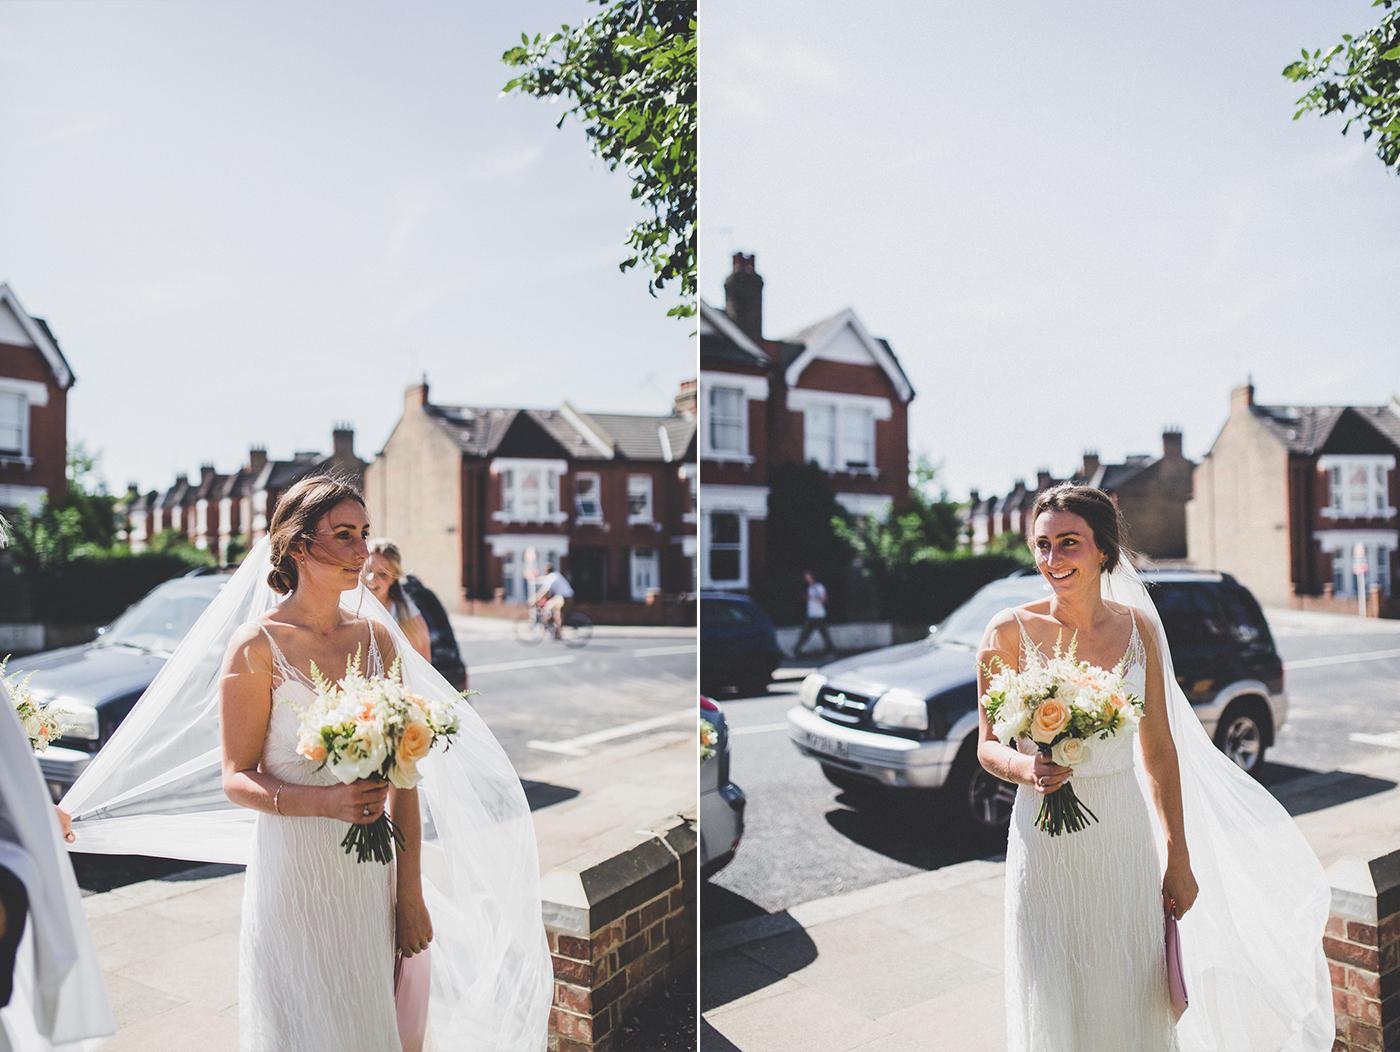 london-wedding-photographer-24.jpg